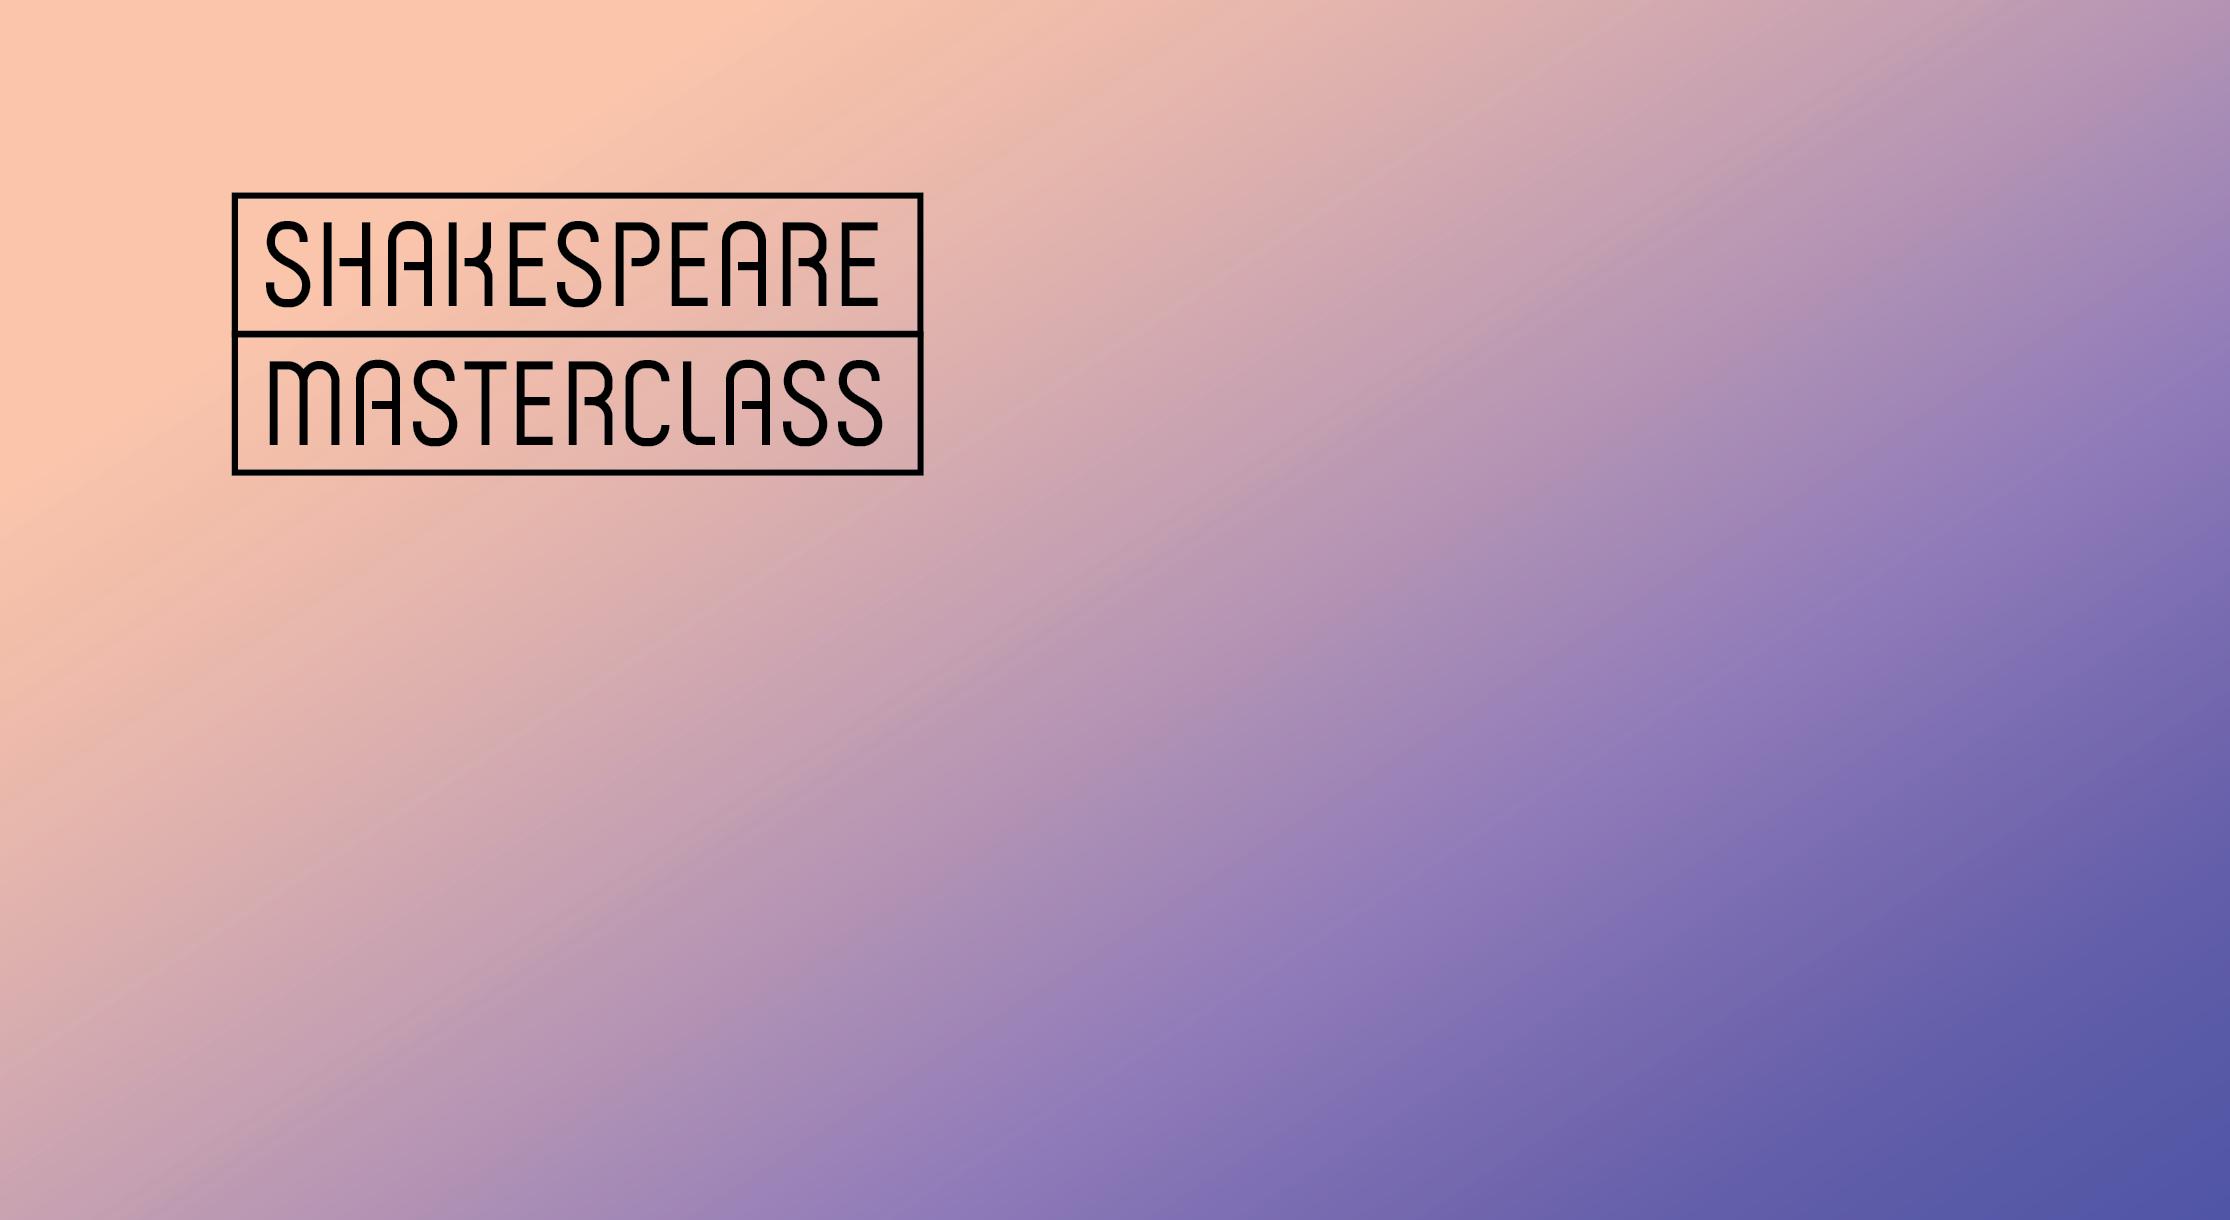 Shakespeare Masterclass